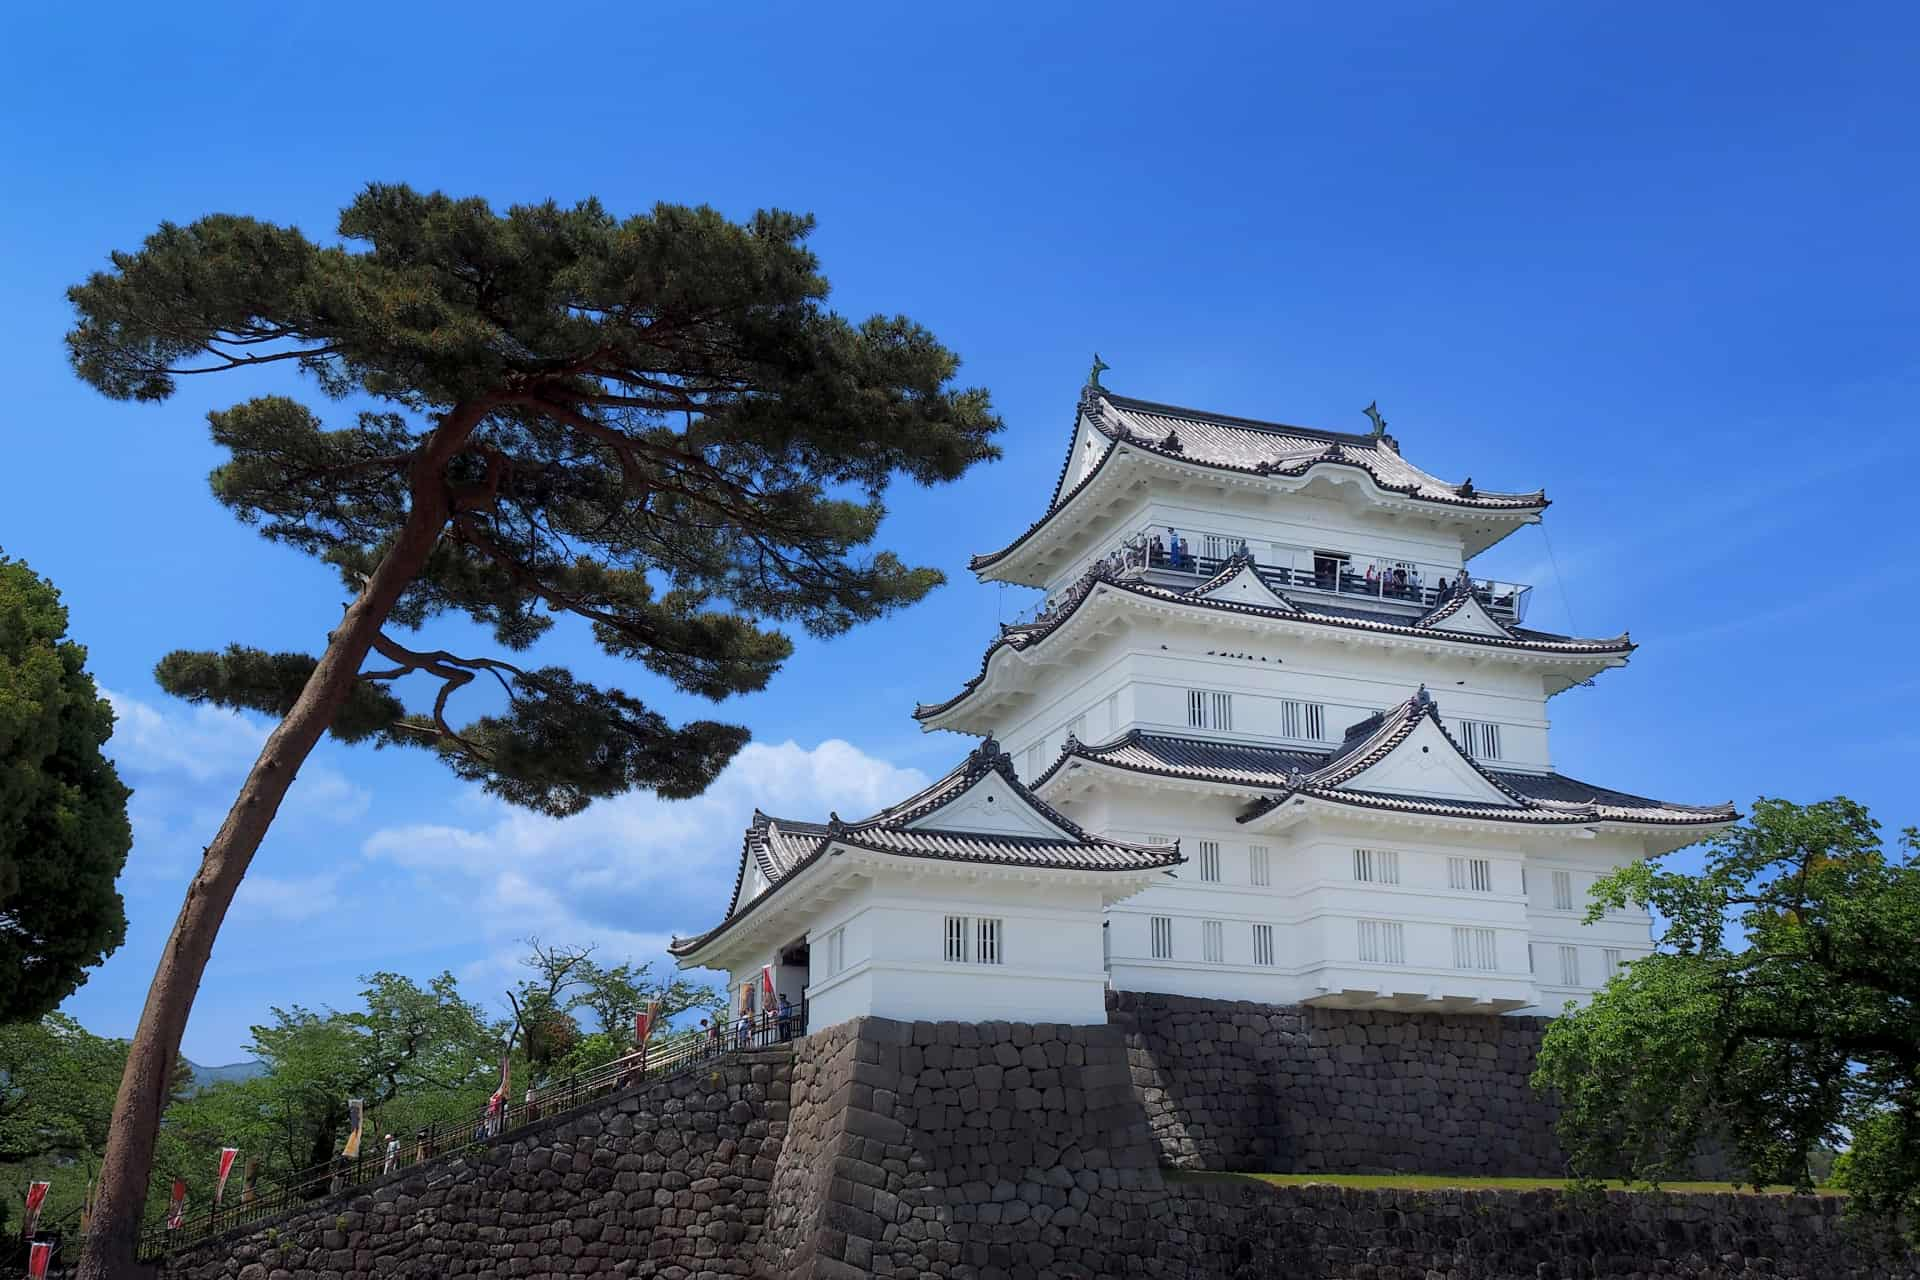 ปราสาทโอดาวาระ (Odawara Castle) ปราสาทญี่ปุ่น ซึ่งเป็นฐานที่มั่นของตระกูลโฮโจ จ.คานางาวะ